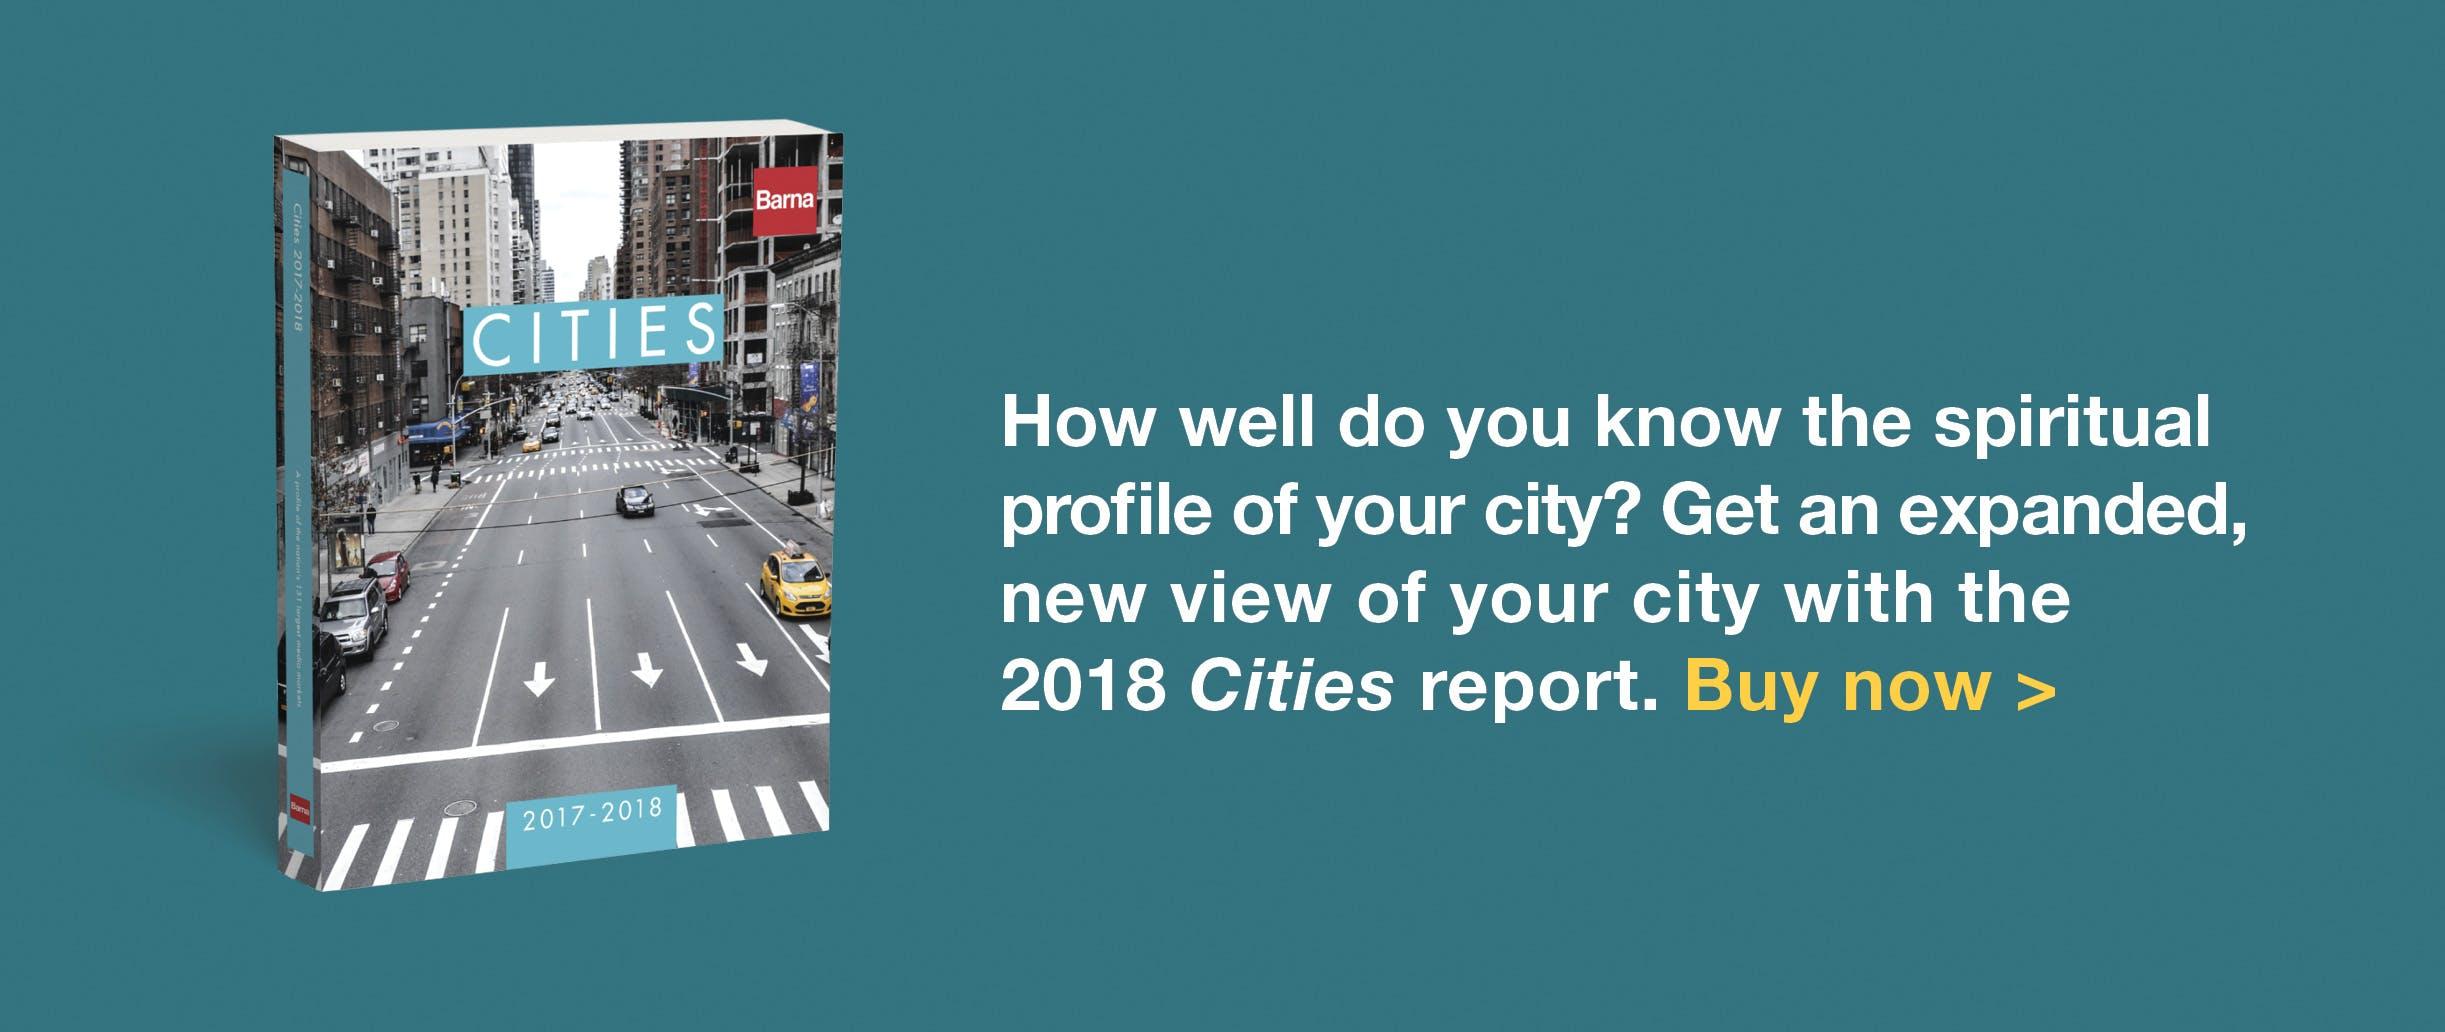 Cities 2018